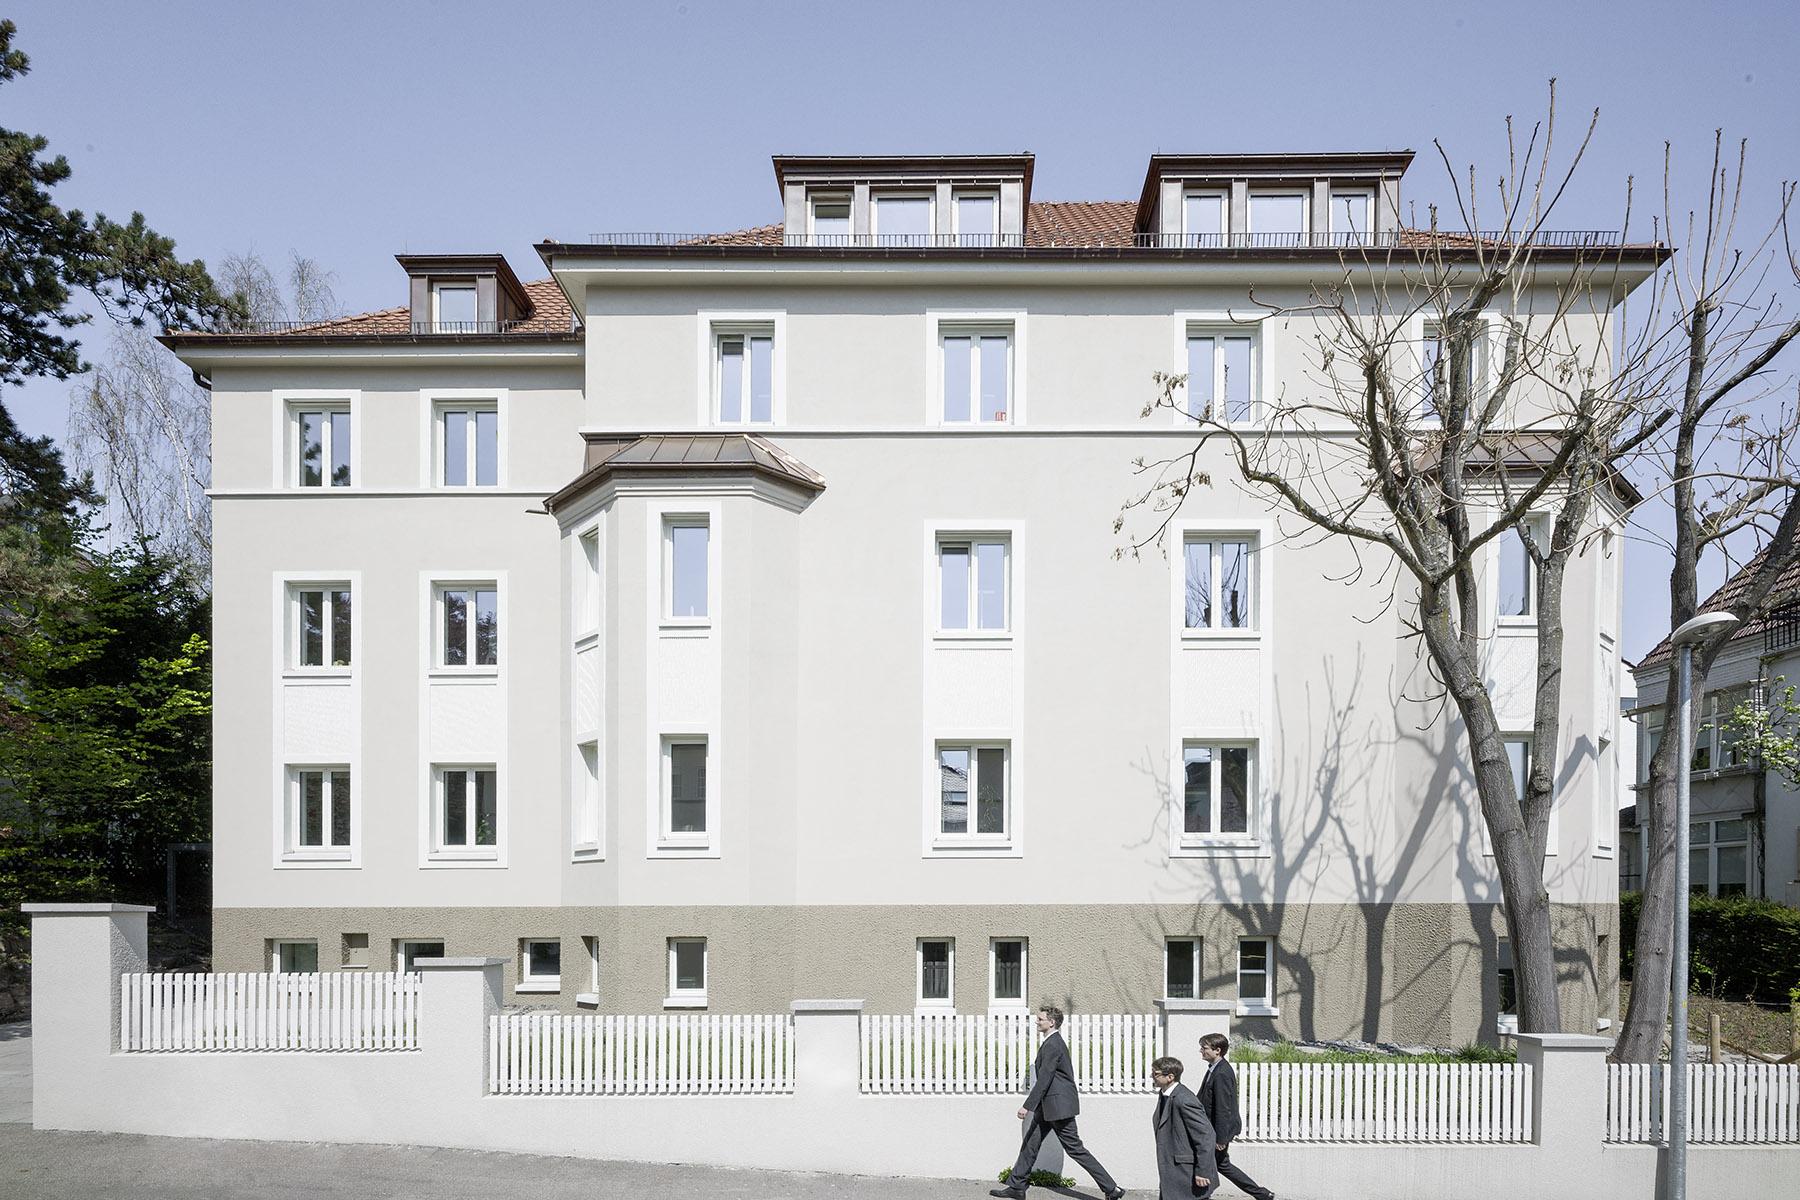 kaestle&ocker - Schönleinstraße